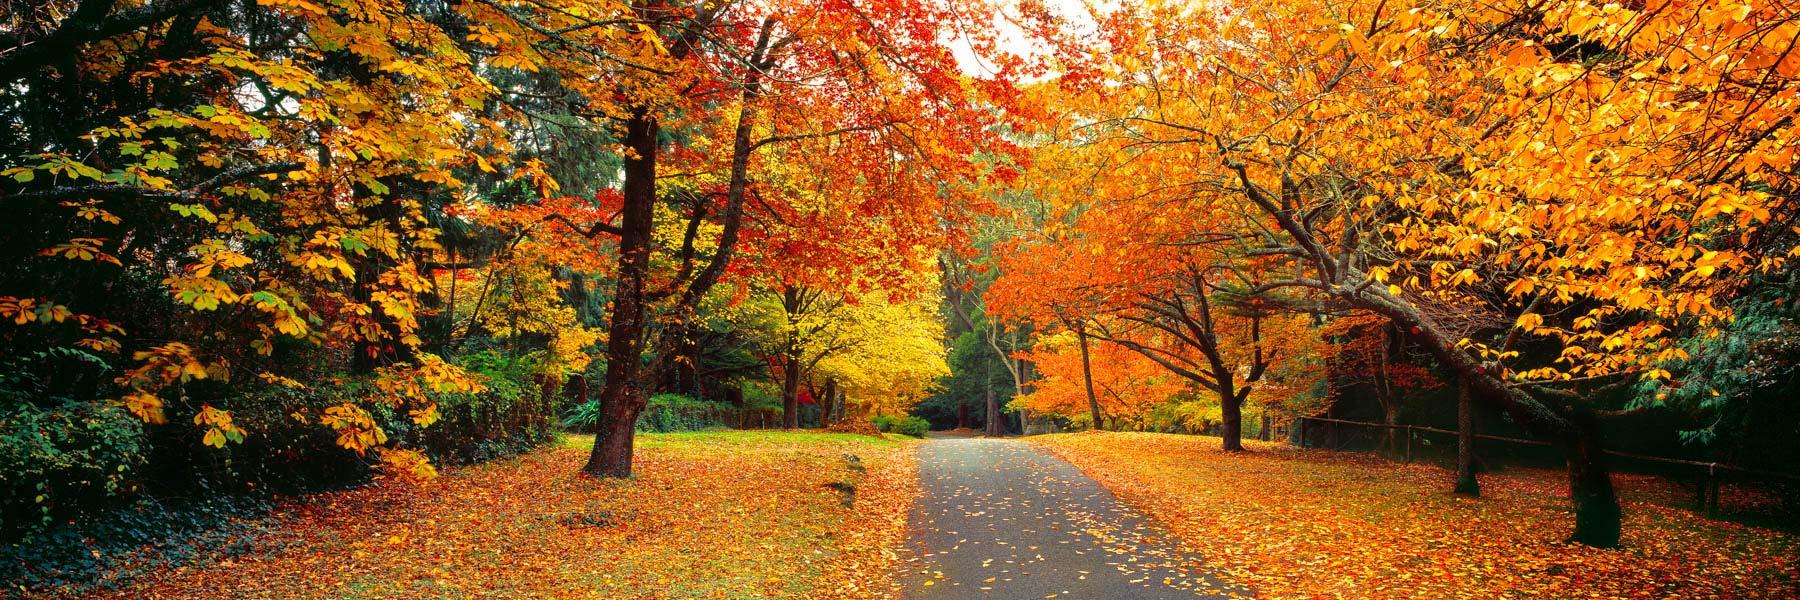 Brilliant display of autumn colours in Mount Wilson, Blue Mountains, NSW, Australia.